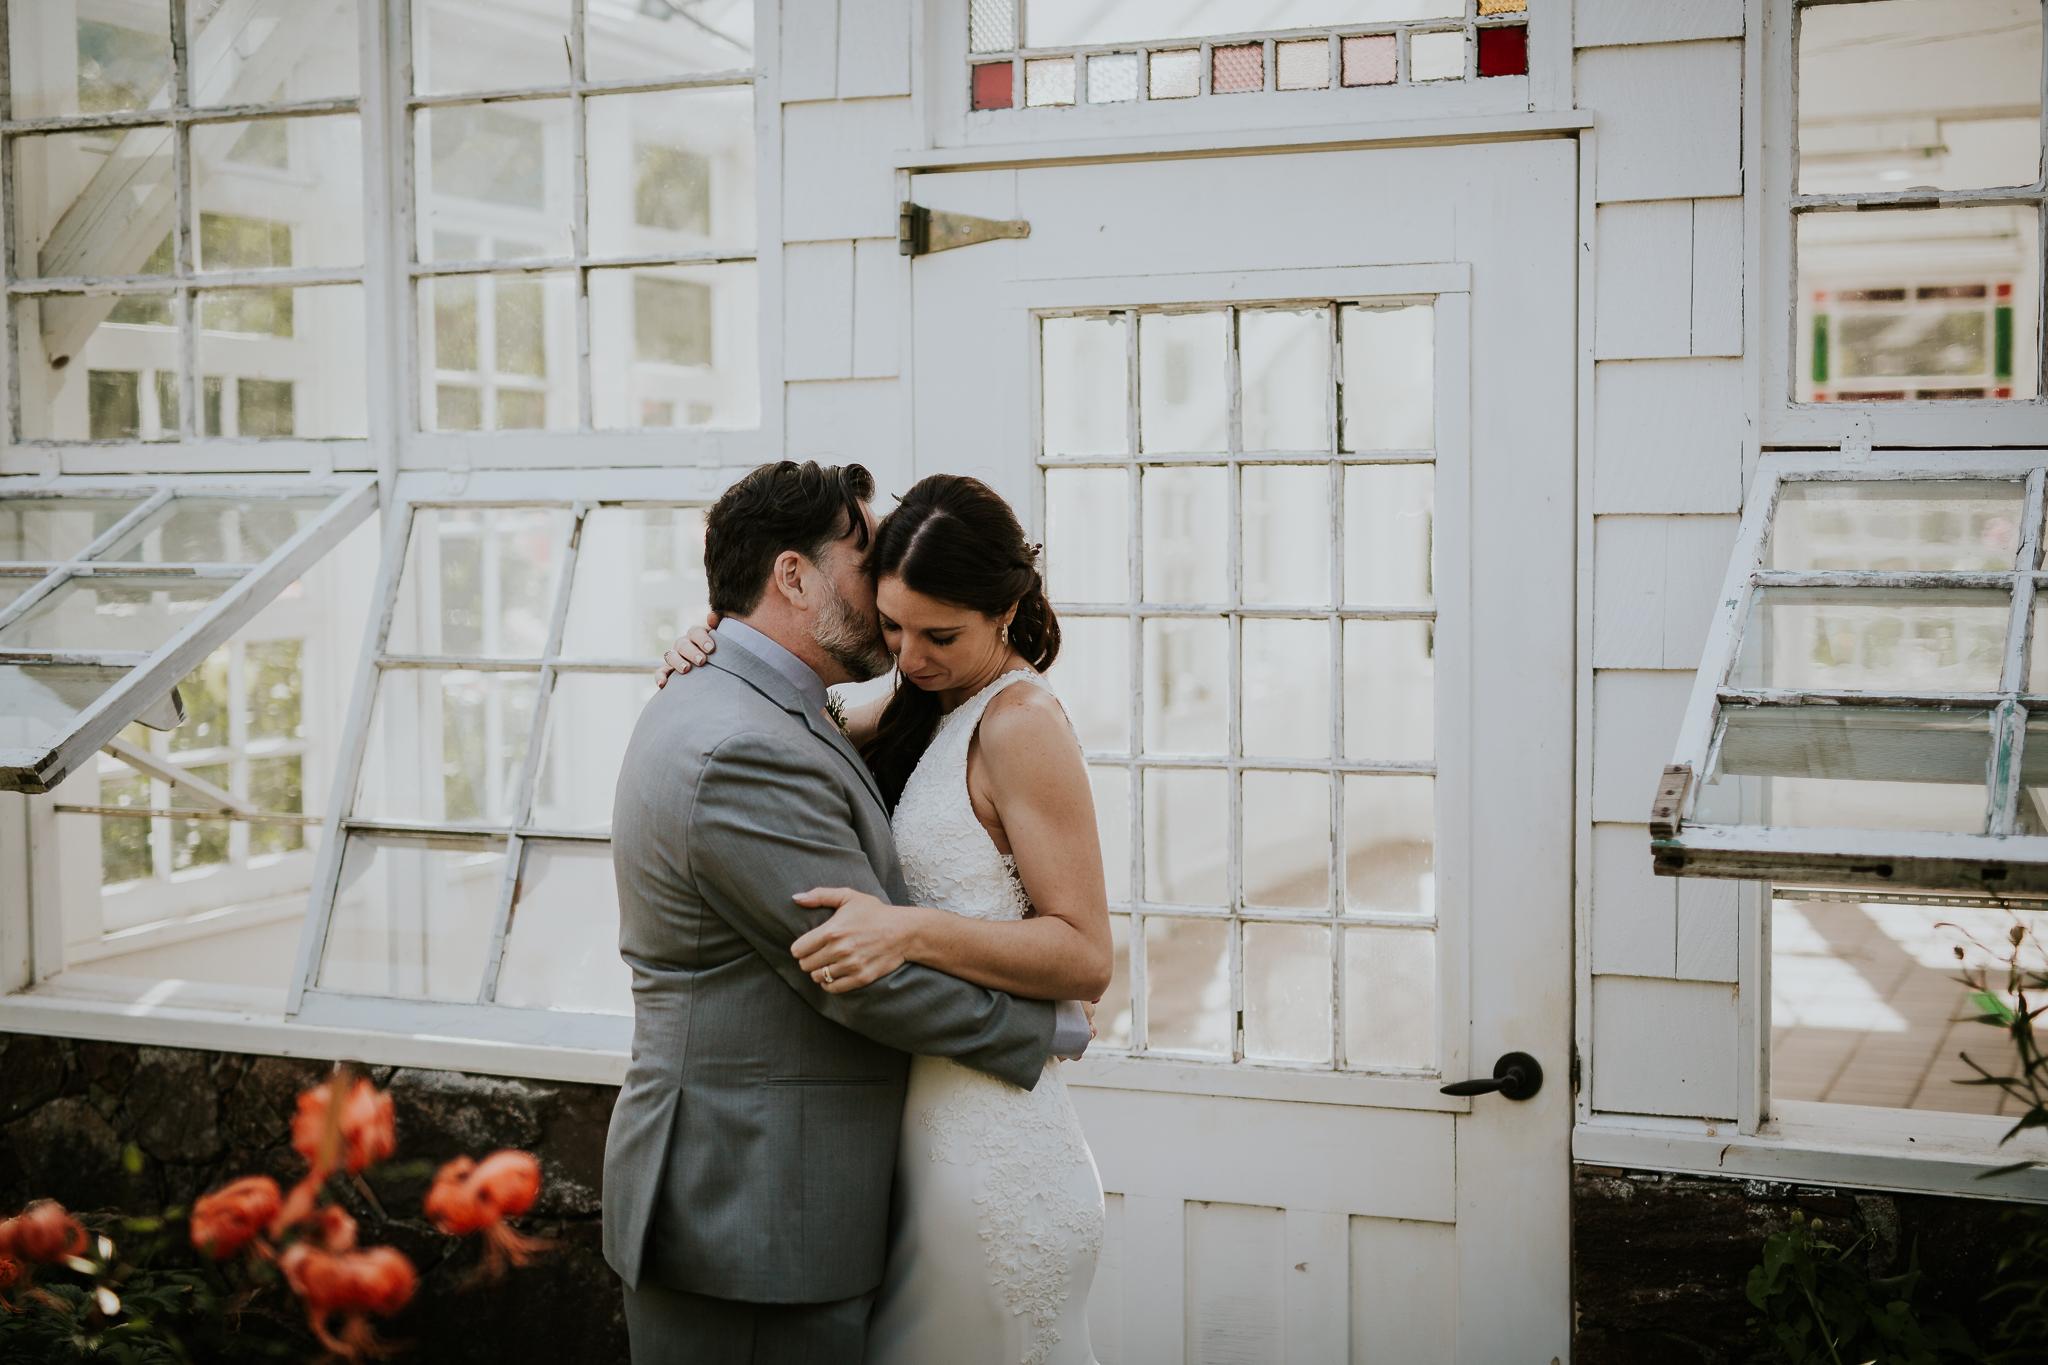 20170819-vancouver-island-elopement-photographer-Jen and Ken-7579-2.jpg